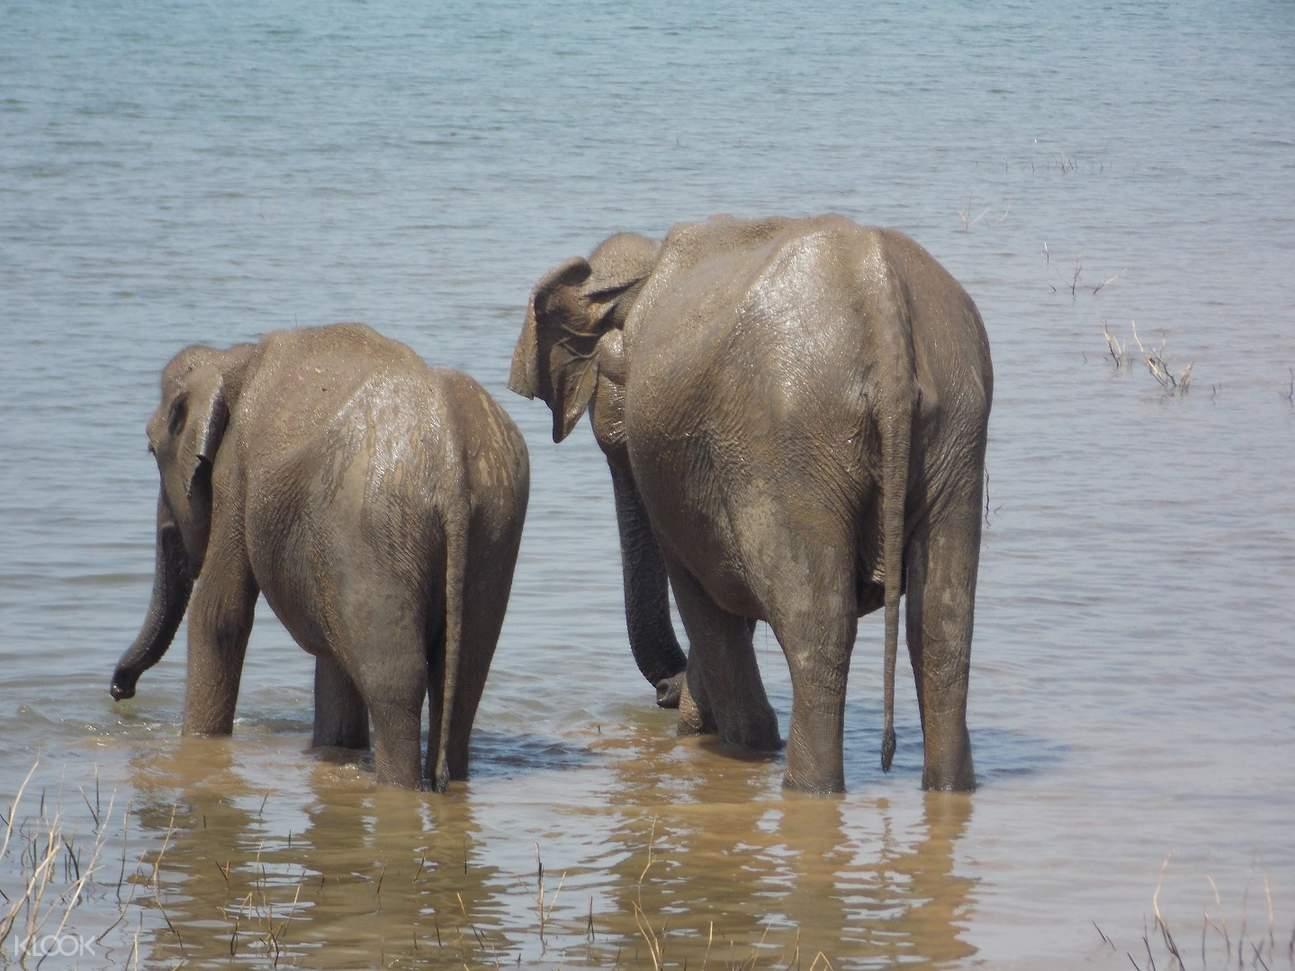 斯里蘭卡 烏達瓦拉維國家公園狩獵之旅Udawalawe